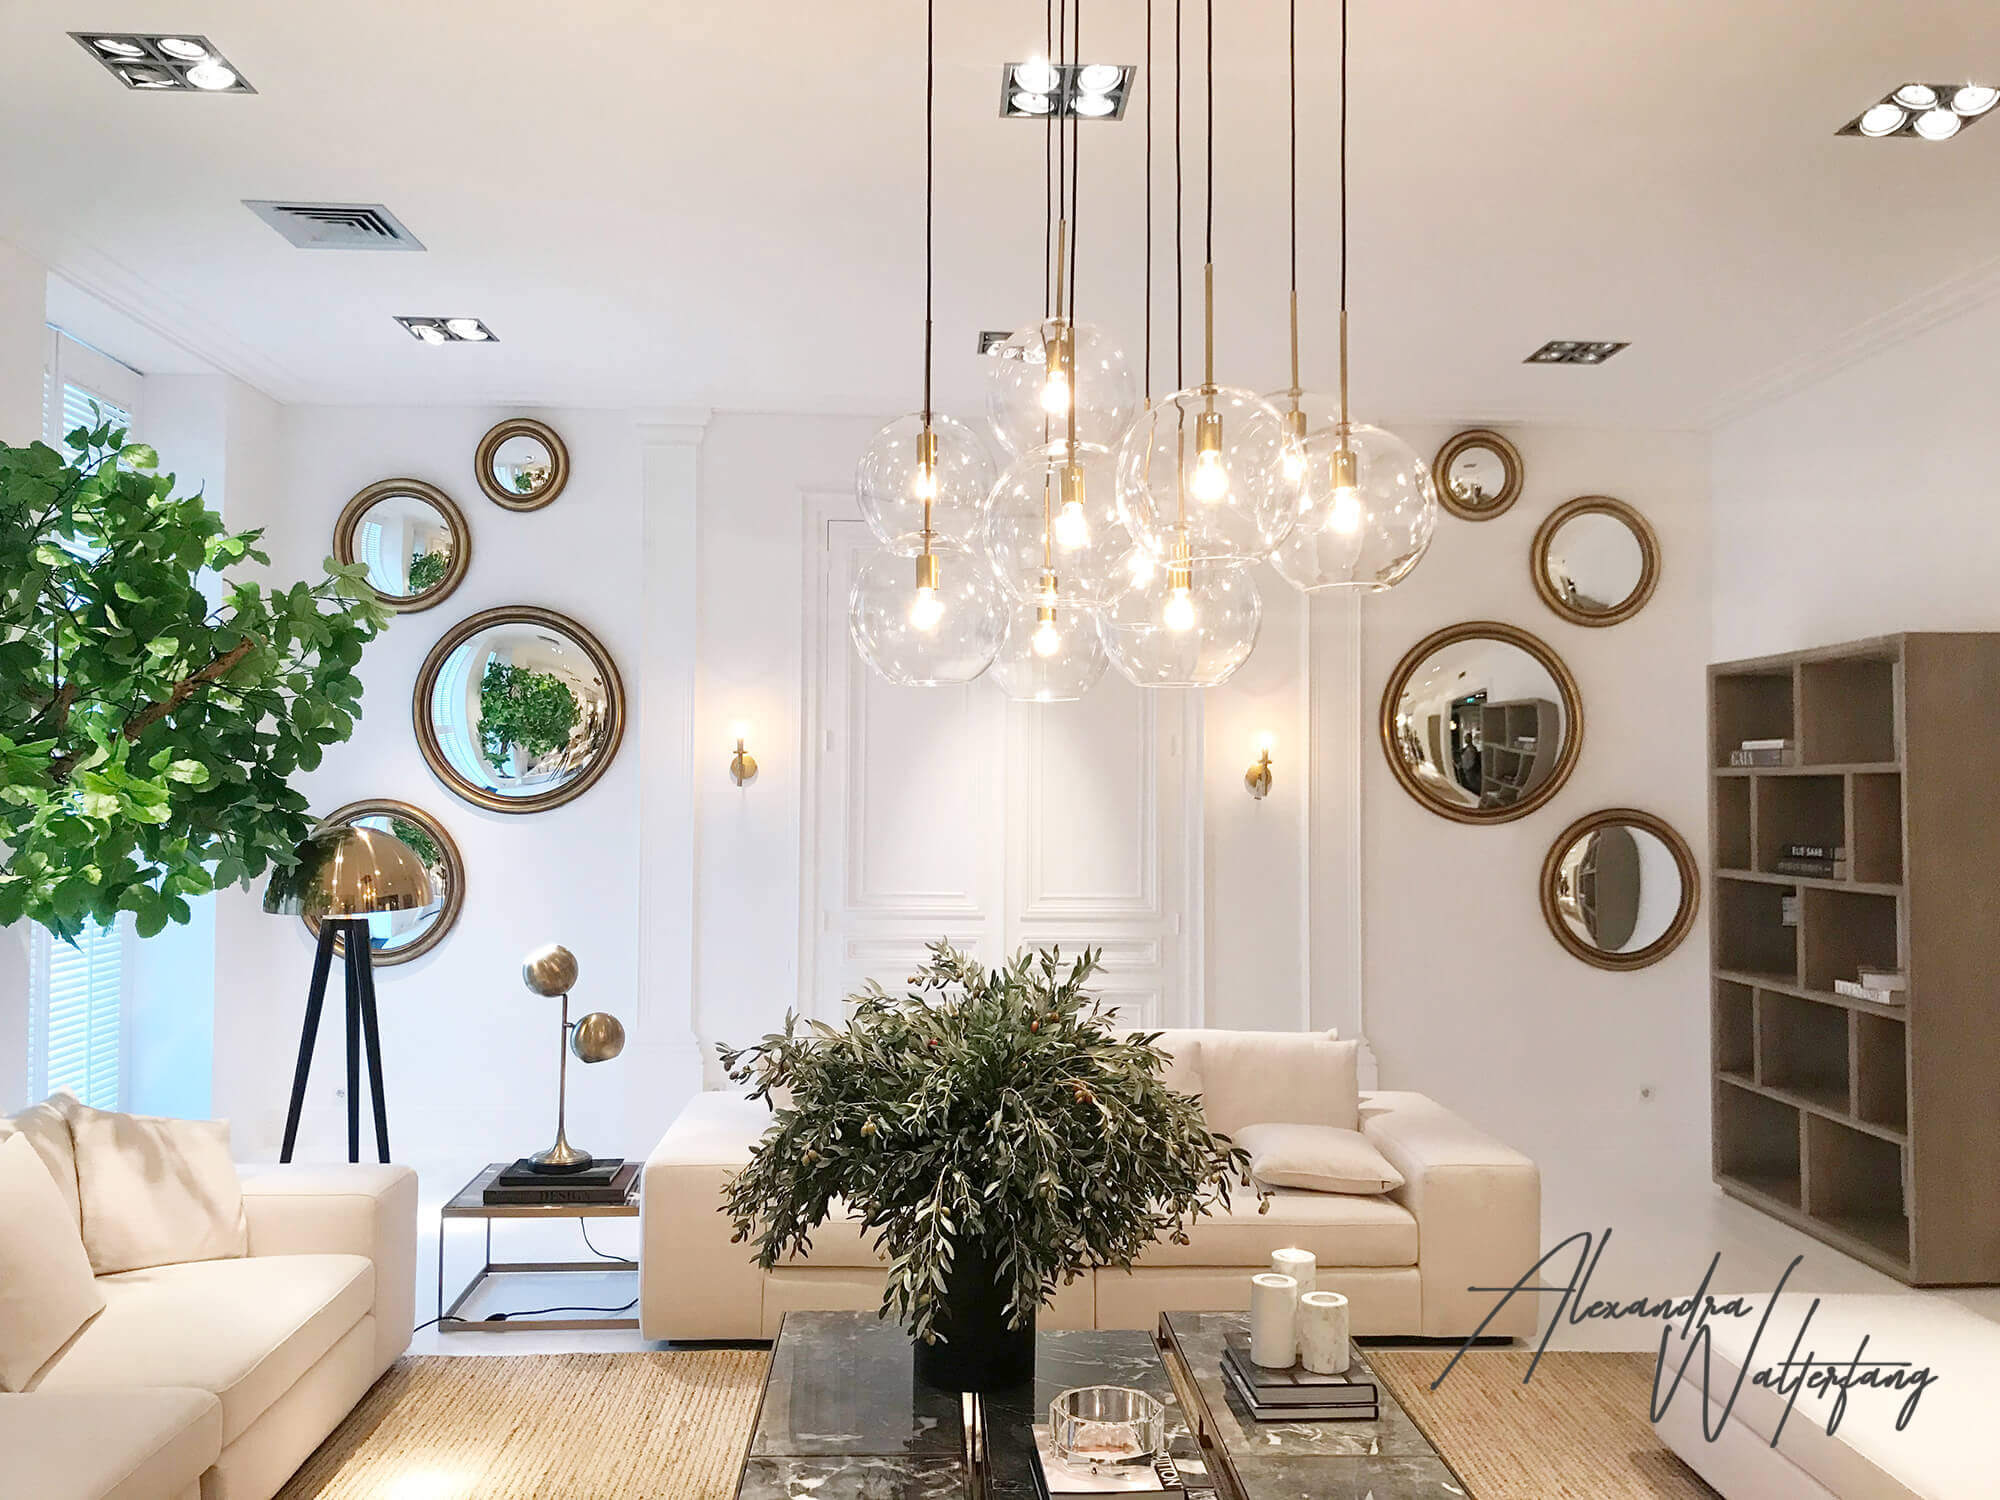 023.Bruma Immobilien Alexandra Walterfang Creative Home Design.jpg